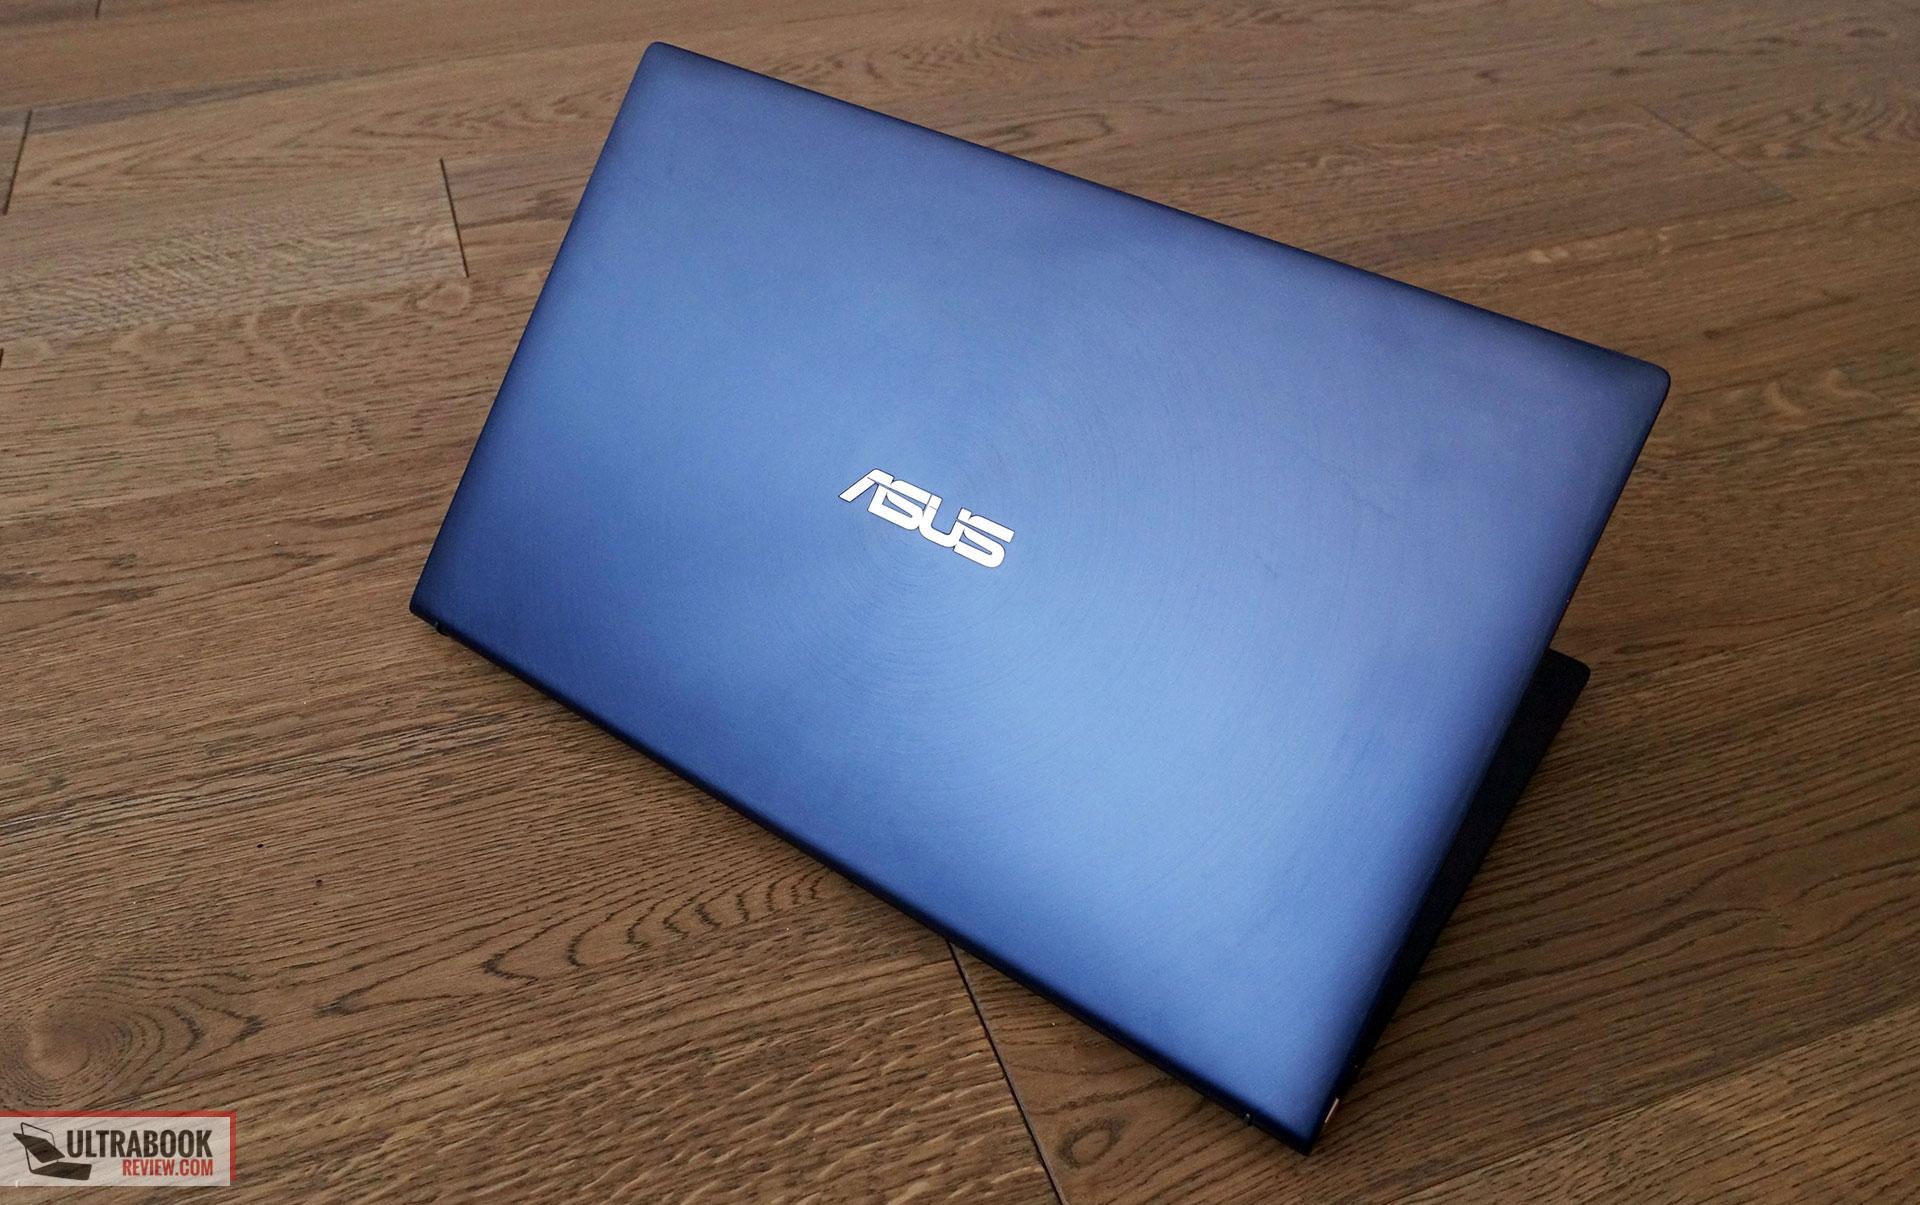 Asus ZenBook 15 UX533 review (UX533FD - i7-8565U, GTX 1050 Max-Q)